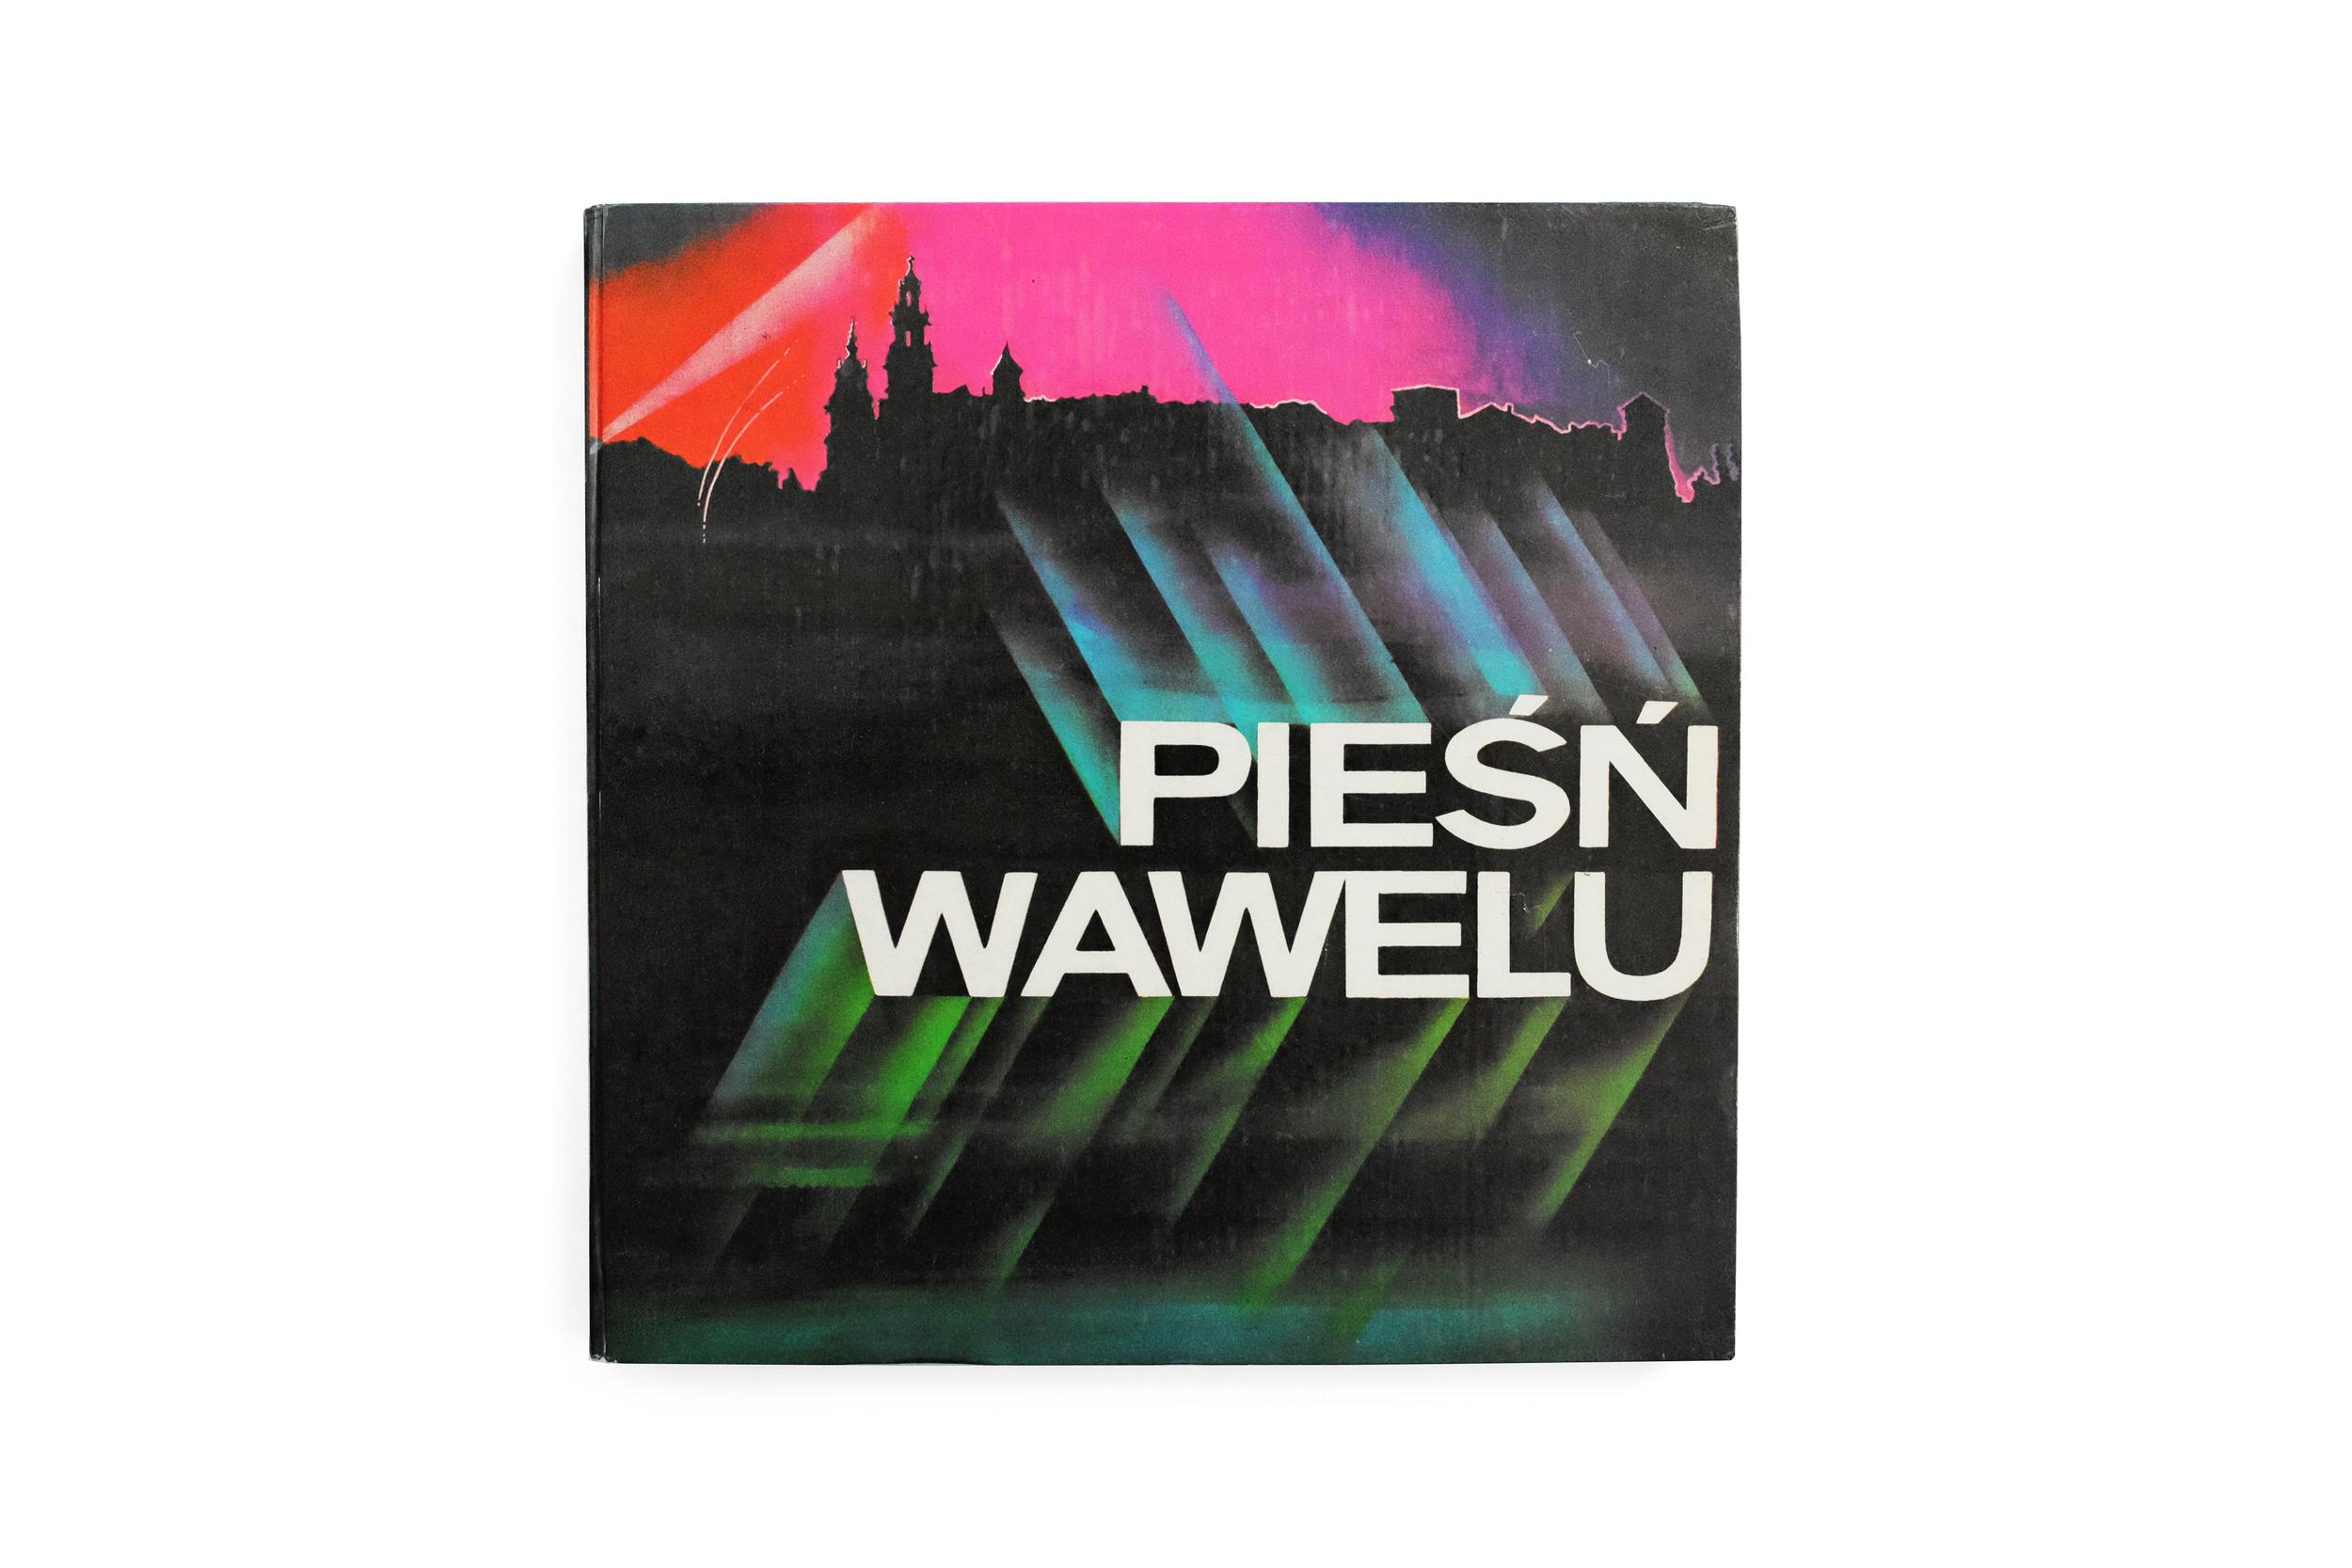 piesn_wawelu_1.jpg